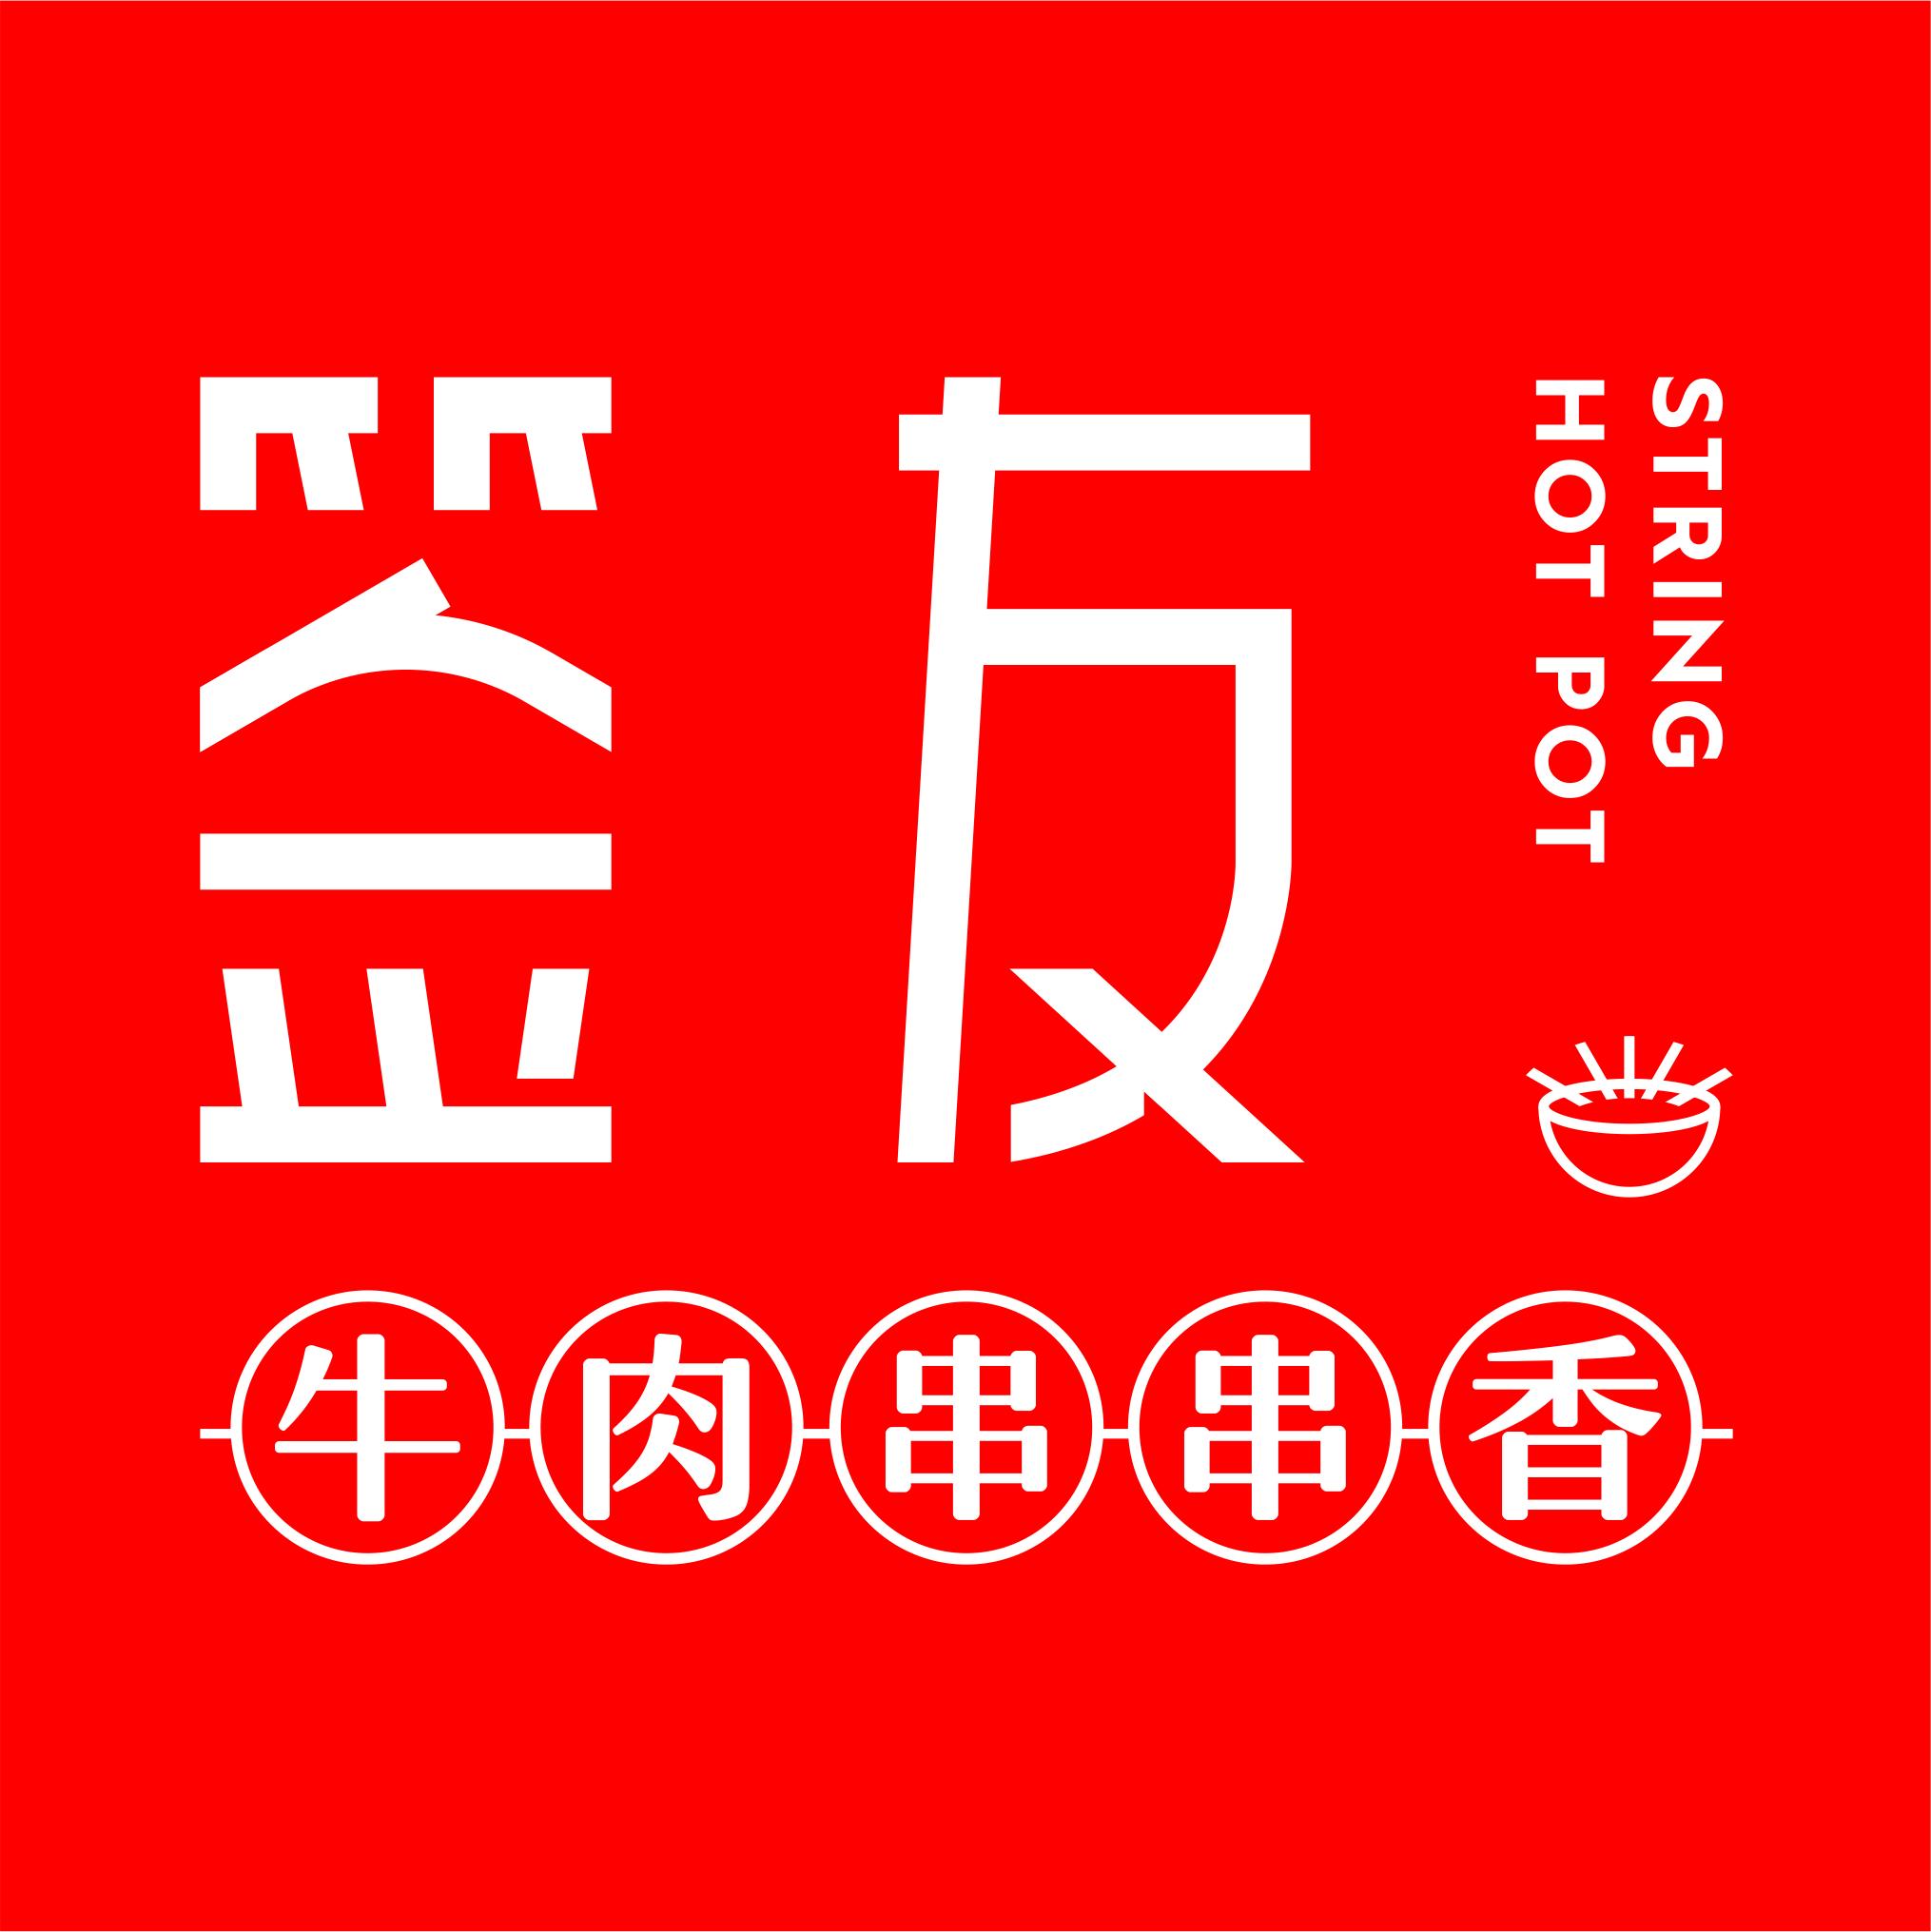 重庆协创餐饮有限公司